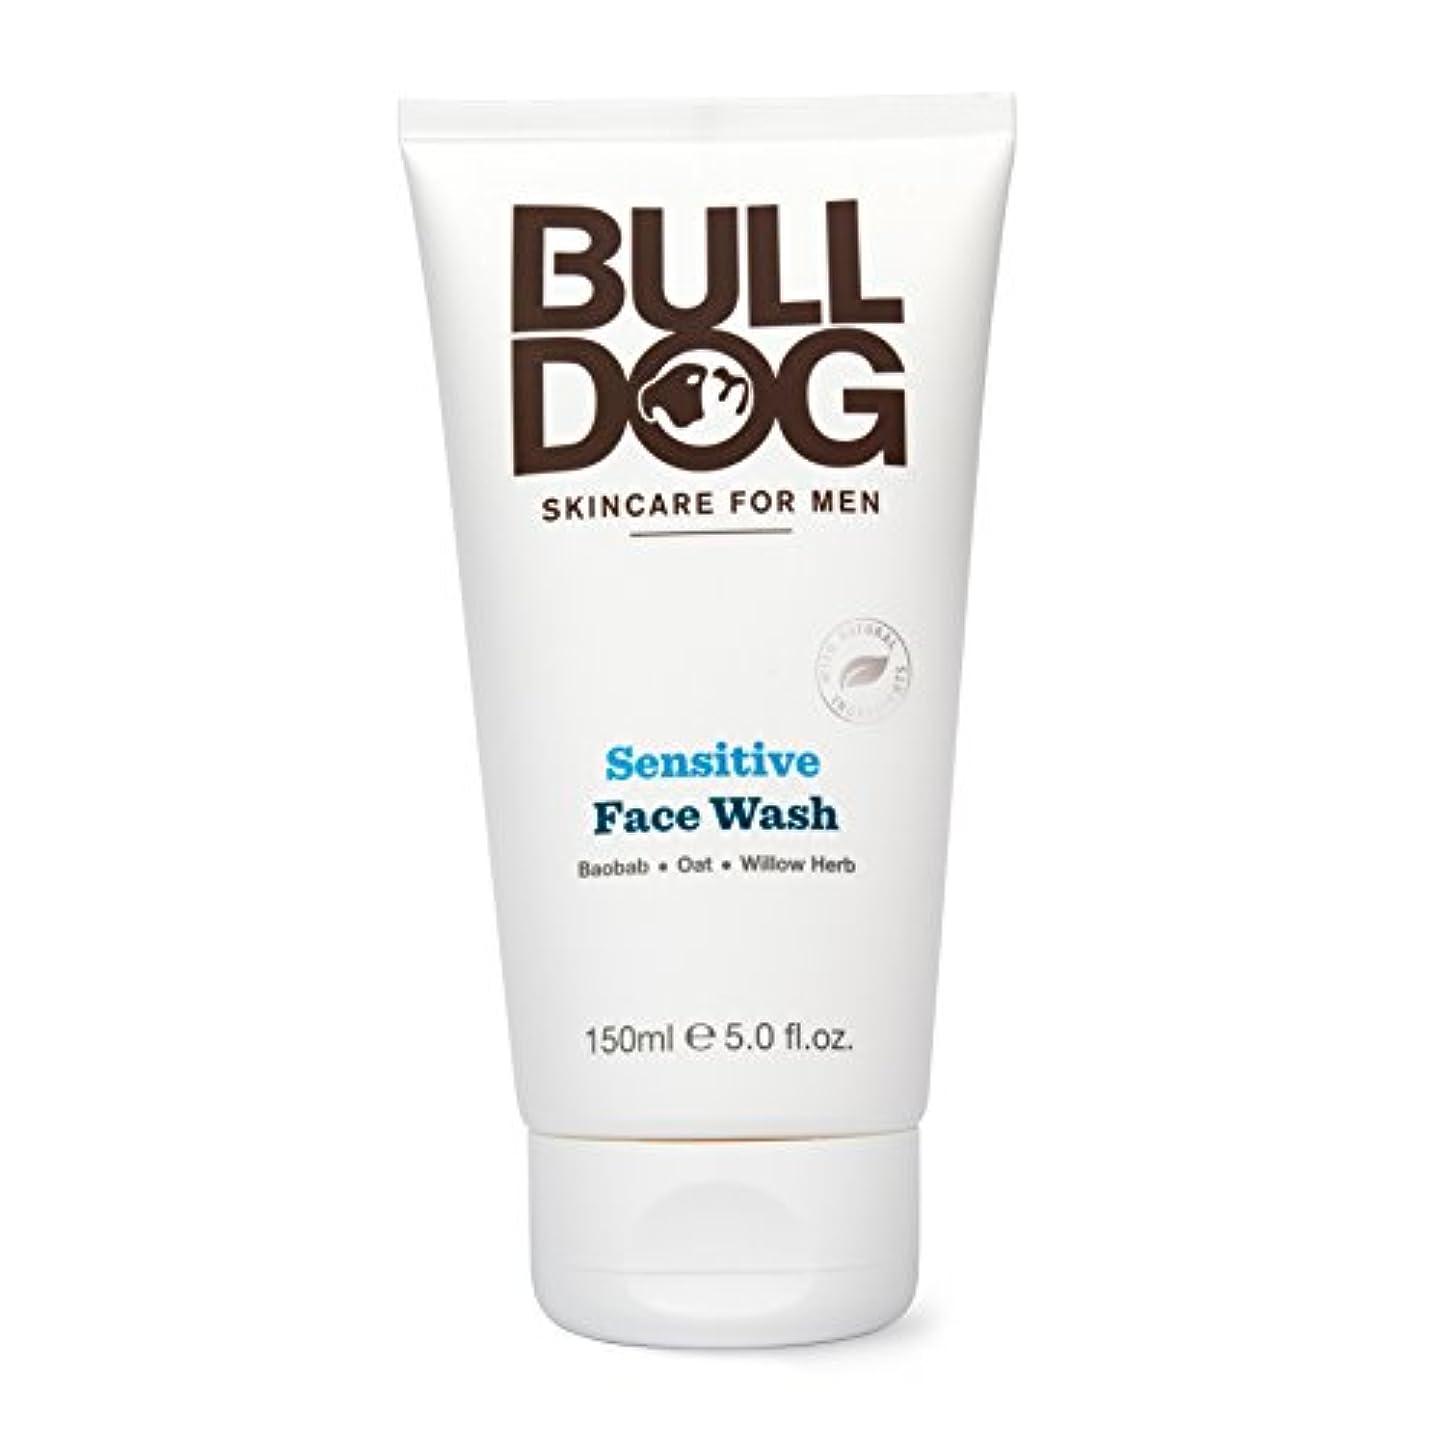 説明するパラダイス独立してブルドッグ Bulldog センシティブ フェイスウォッシュ(洗顔料) 150mL